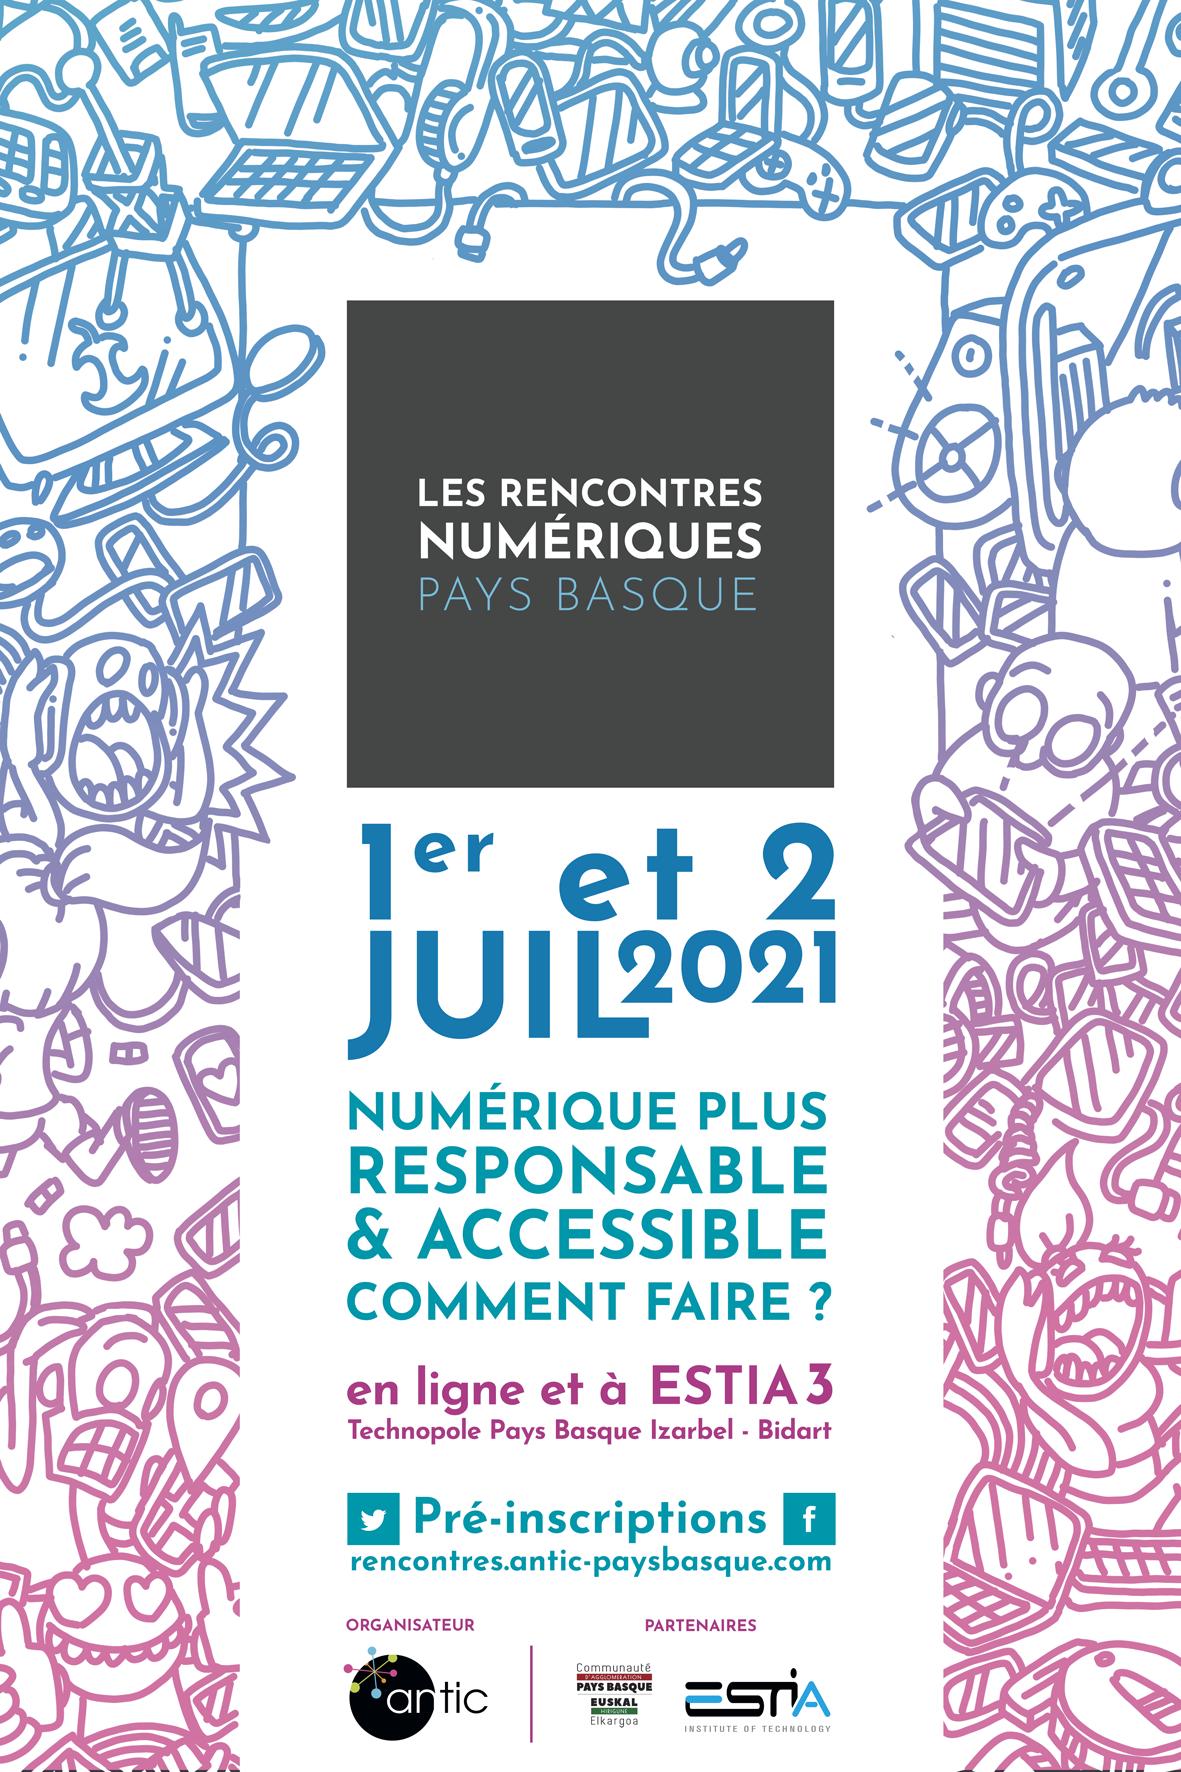 Cette année, les Rencontres Numériques Pays Basque : 1er